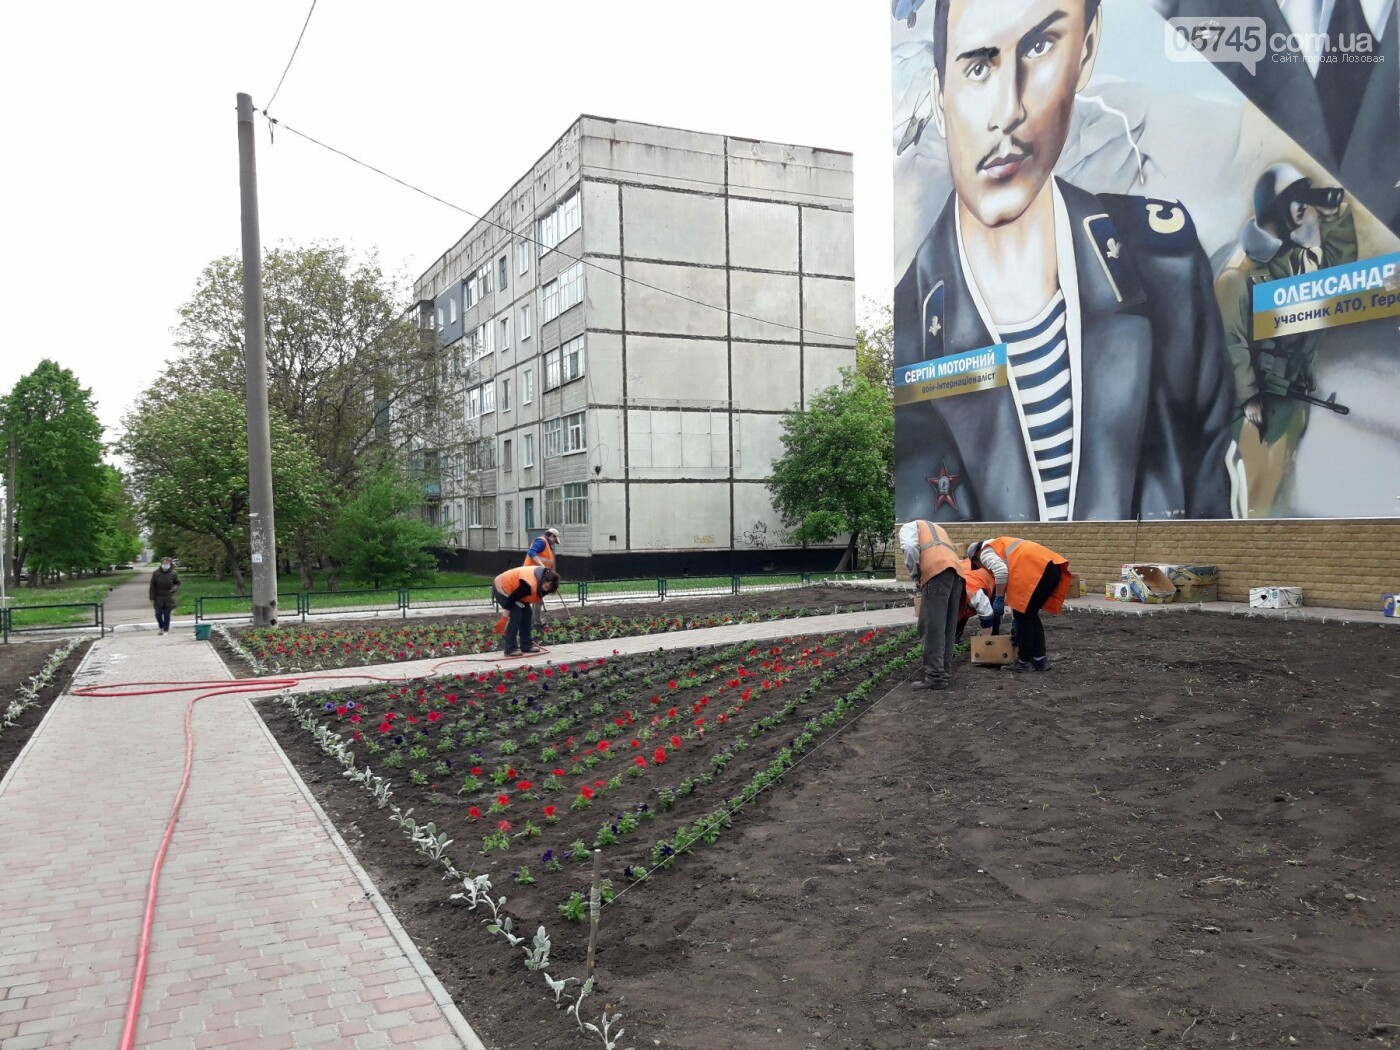 Цветы для громады: на Лозовщине посадят 20 тысяч саженцев, фото-3